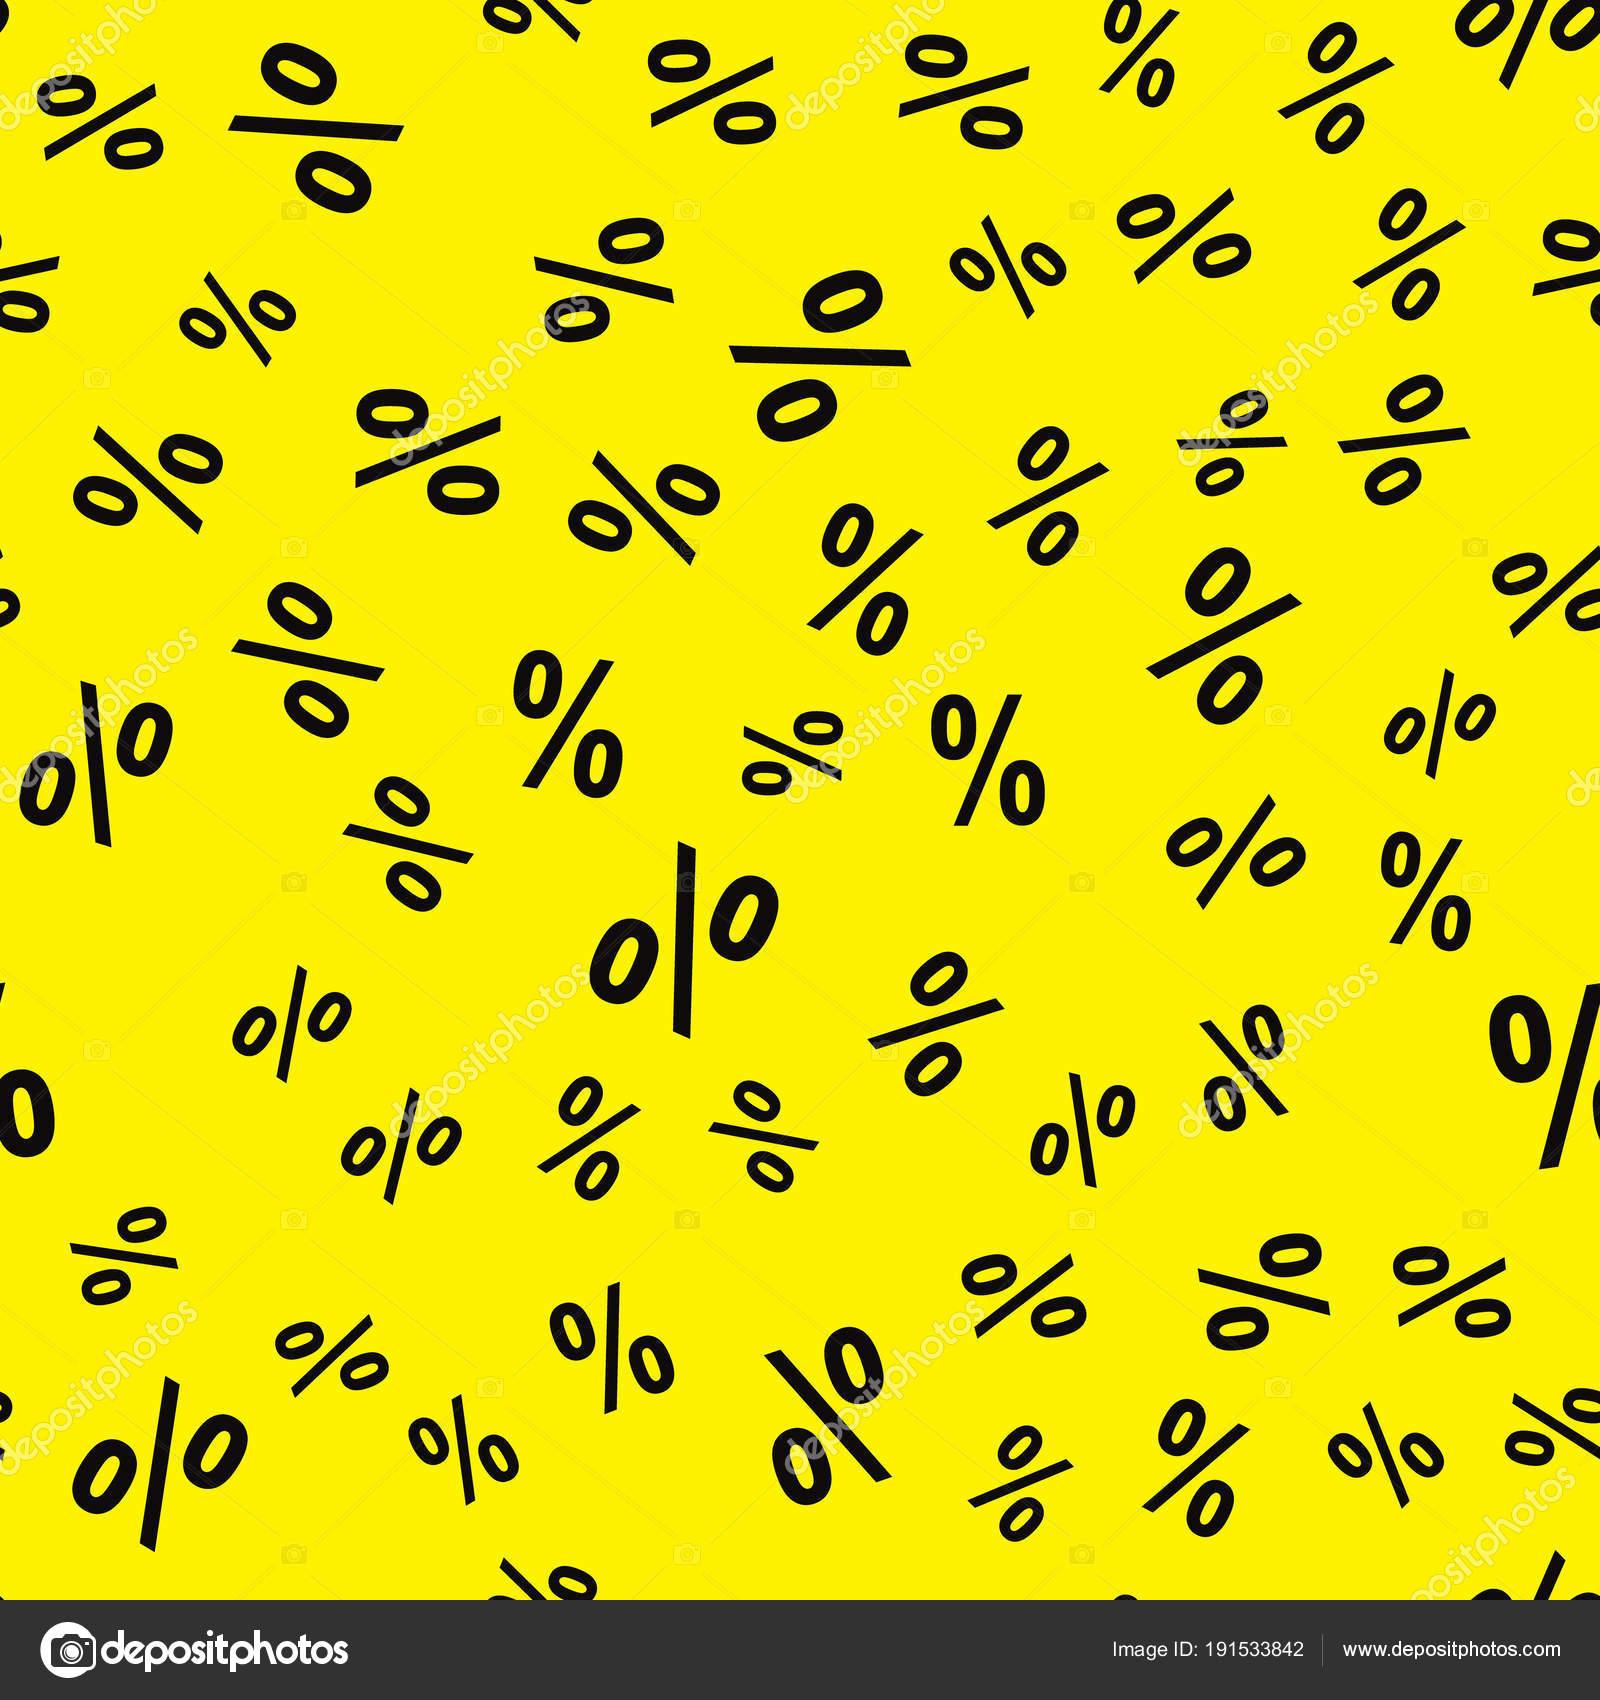 Kreative Vektor Illustration Prozent Betriebswirtschaftlichen